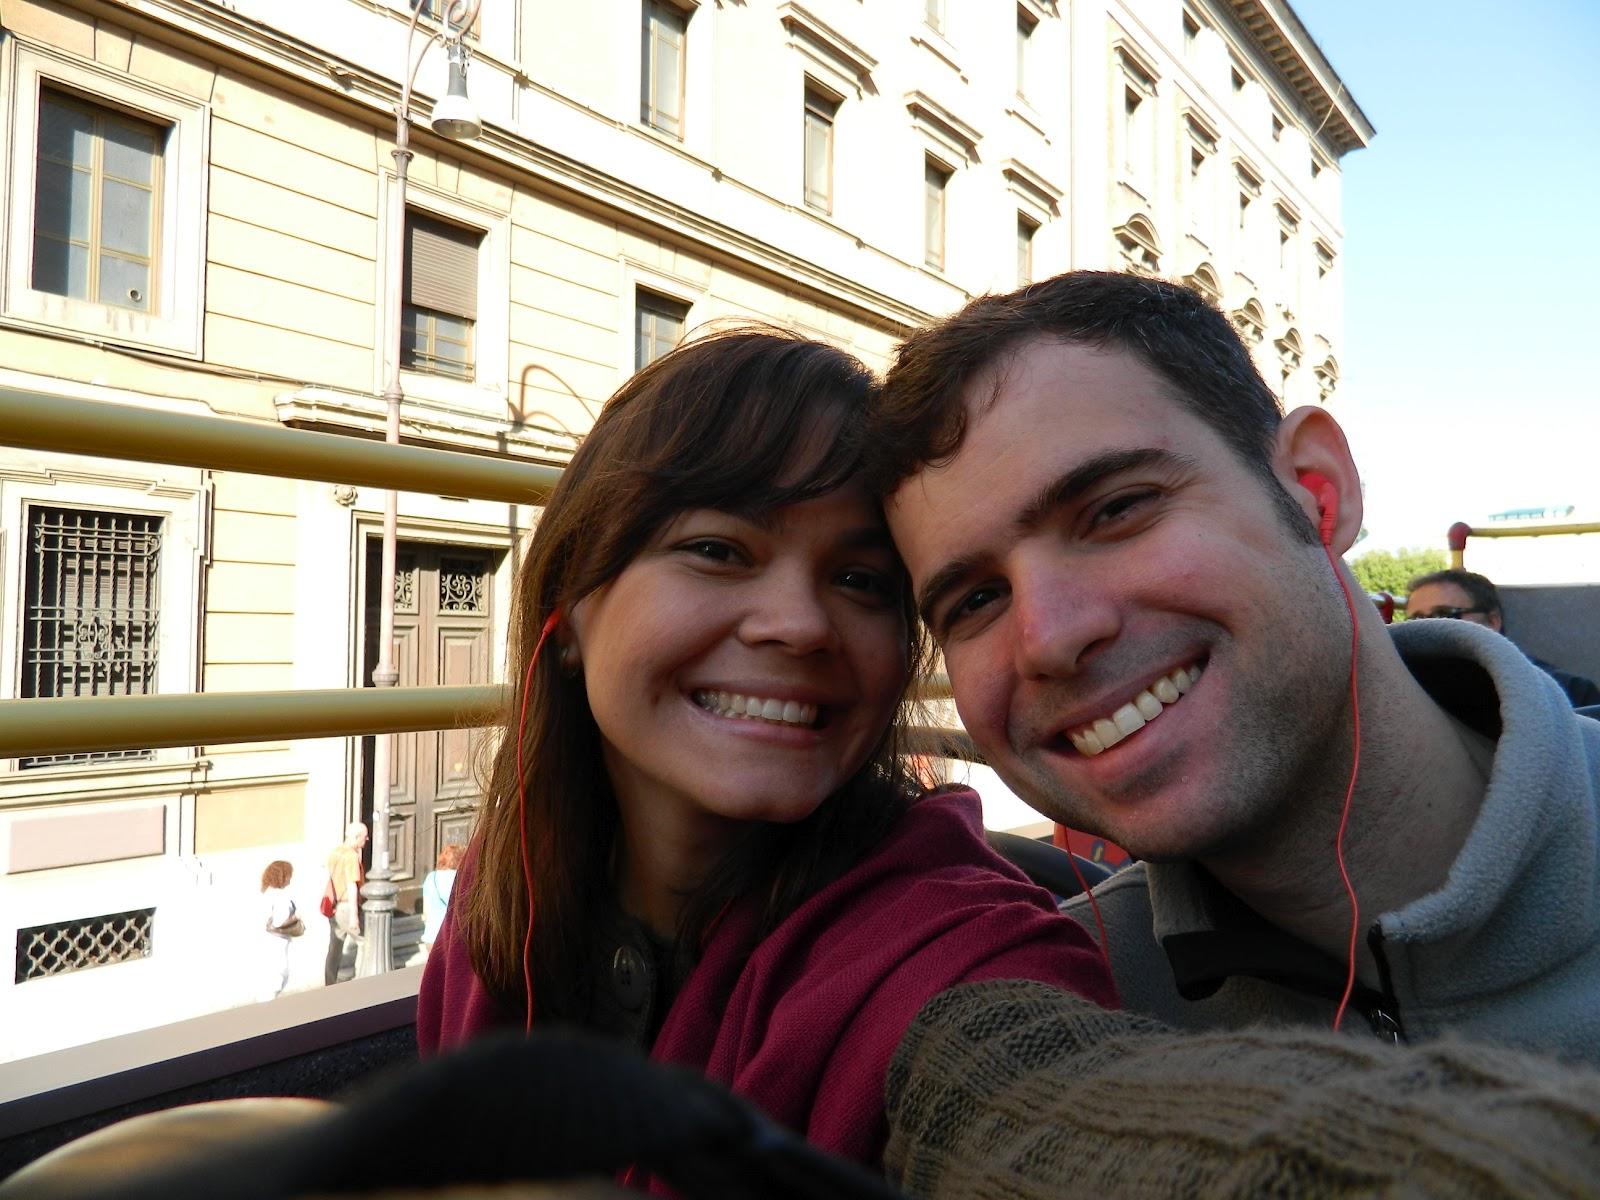 Passeando - Dicas de Viagem e Passeios  Passeando em Roma    Ônibus ... 141c6c9ab4fb9